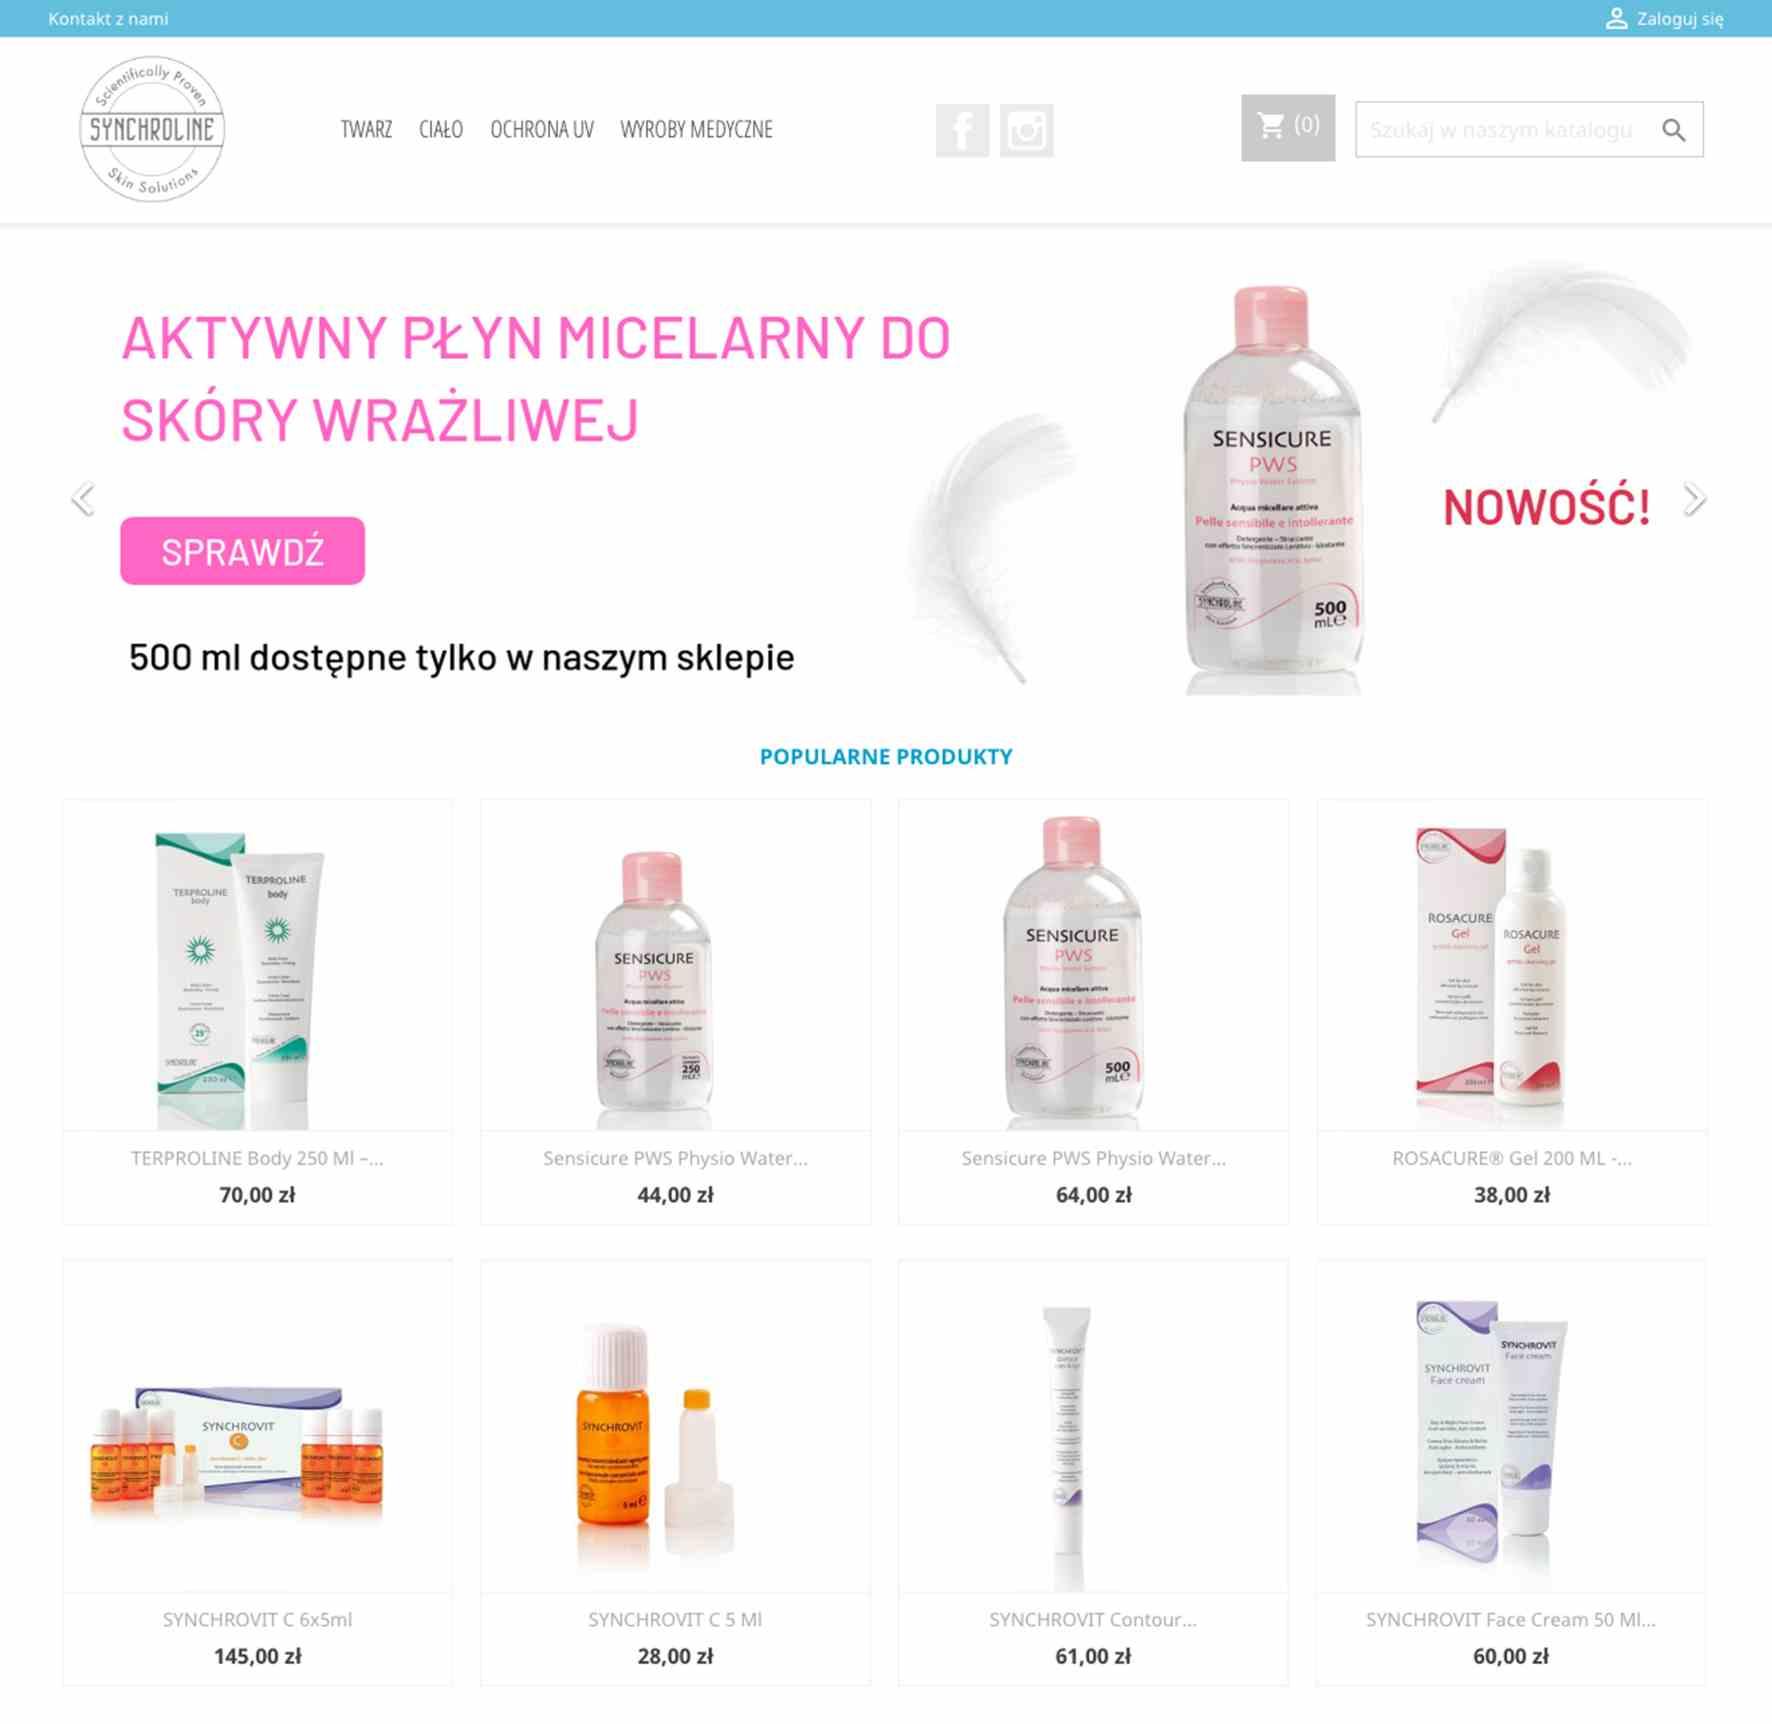 11607548dbc355 Dermokosmetyki włoskiej marki Synchroline można już kupić w nowo otwartym  oficjalnym sklepie internetowym. Pod adresem dermakrem.pl znajdziemy pełną  ofertę ...